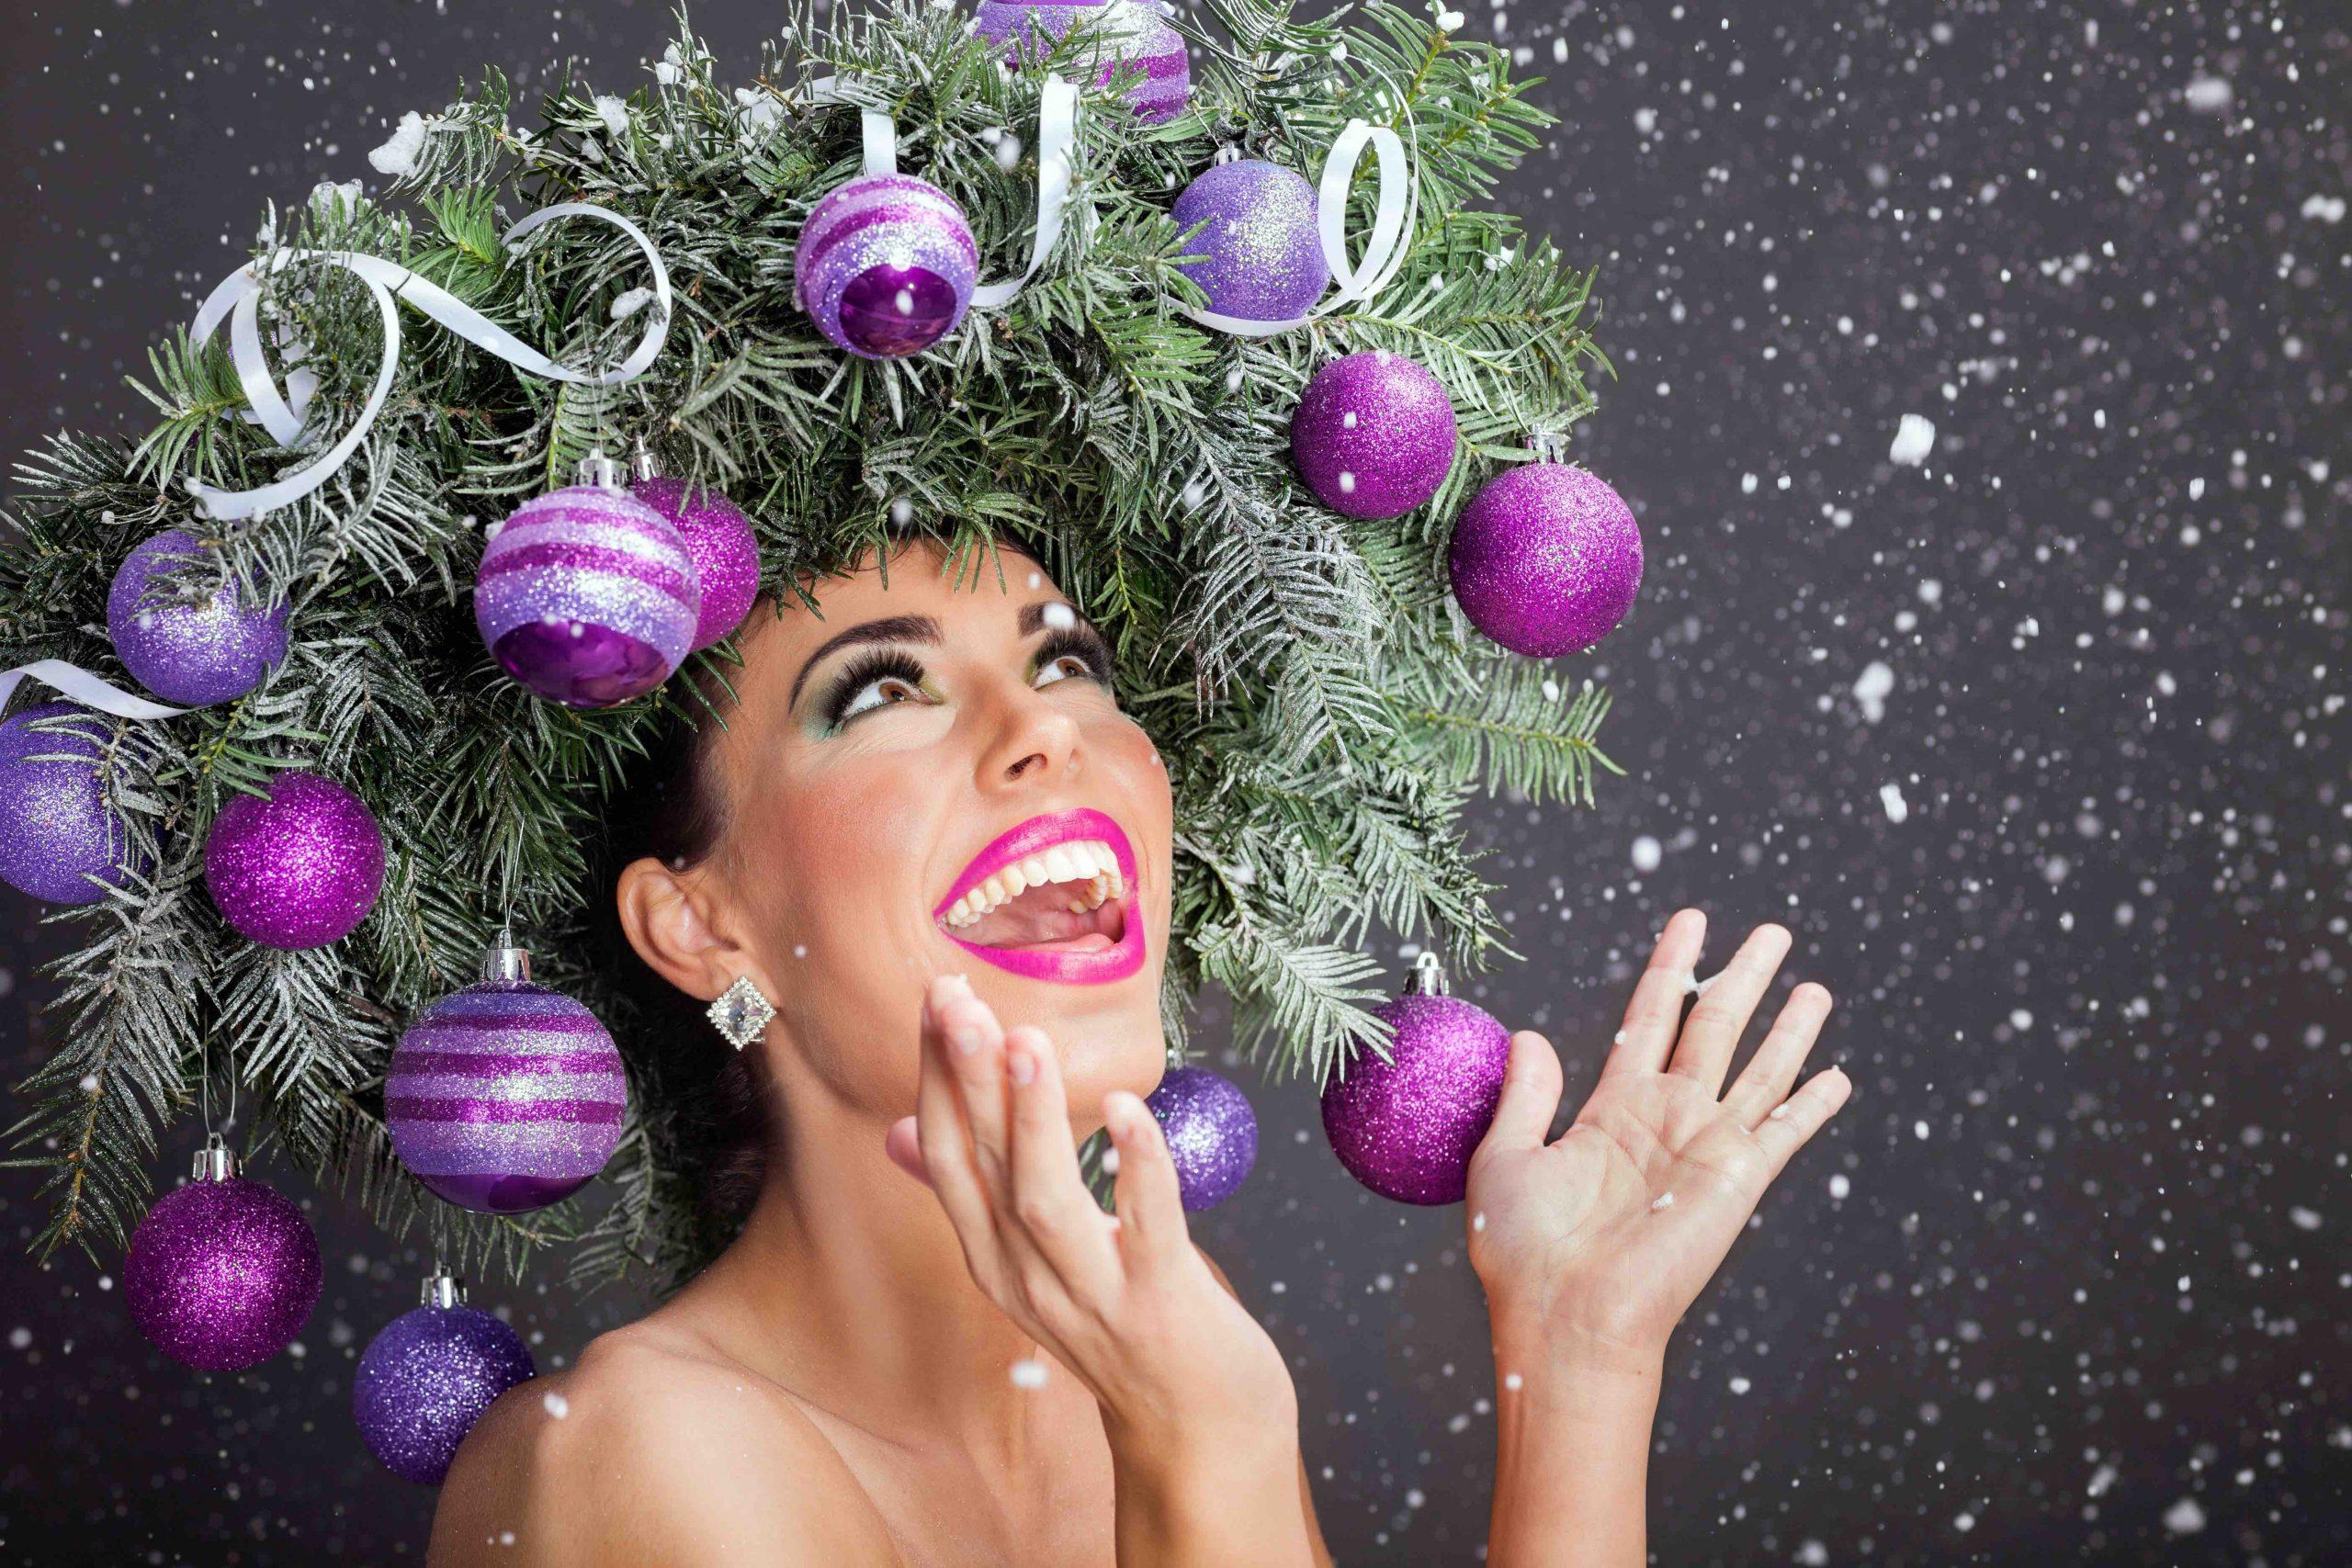 worst festive hair